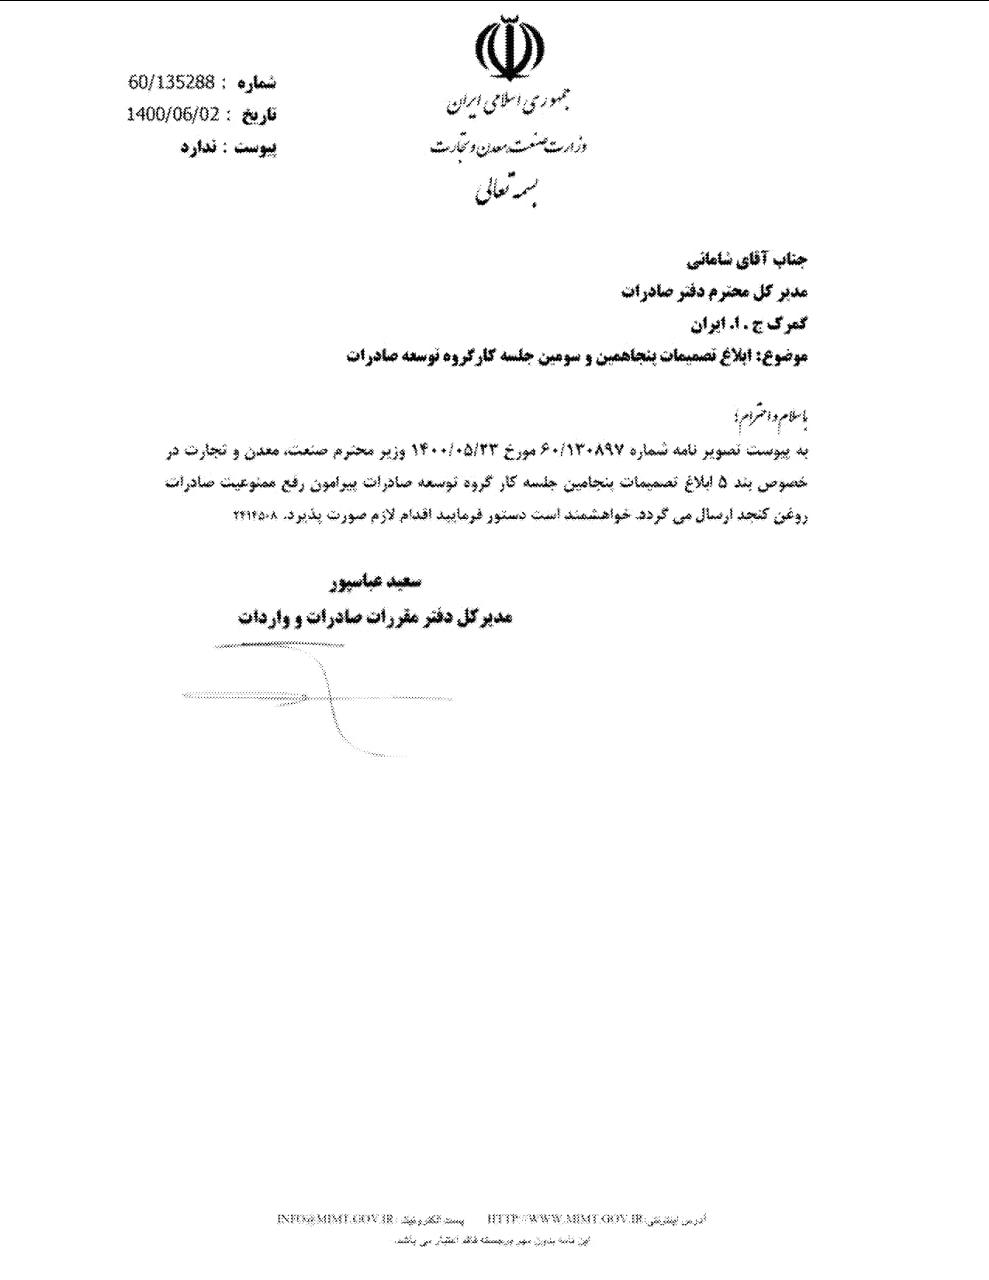 صادرات روغن کنجد آزاد شد